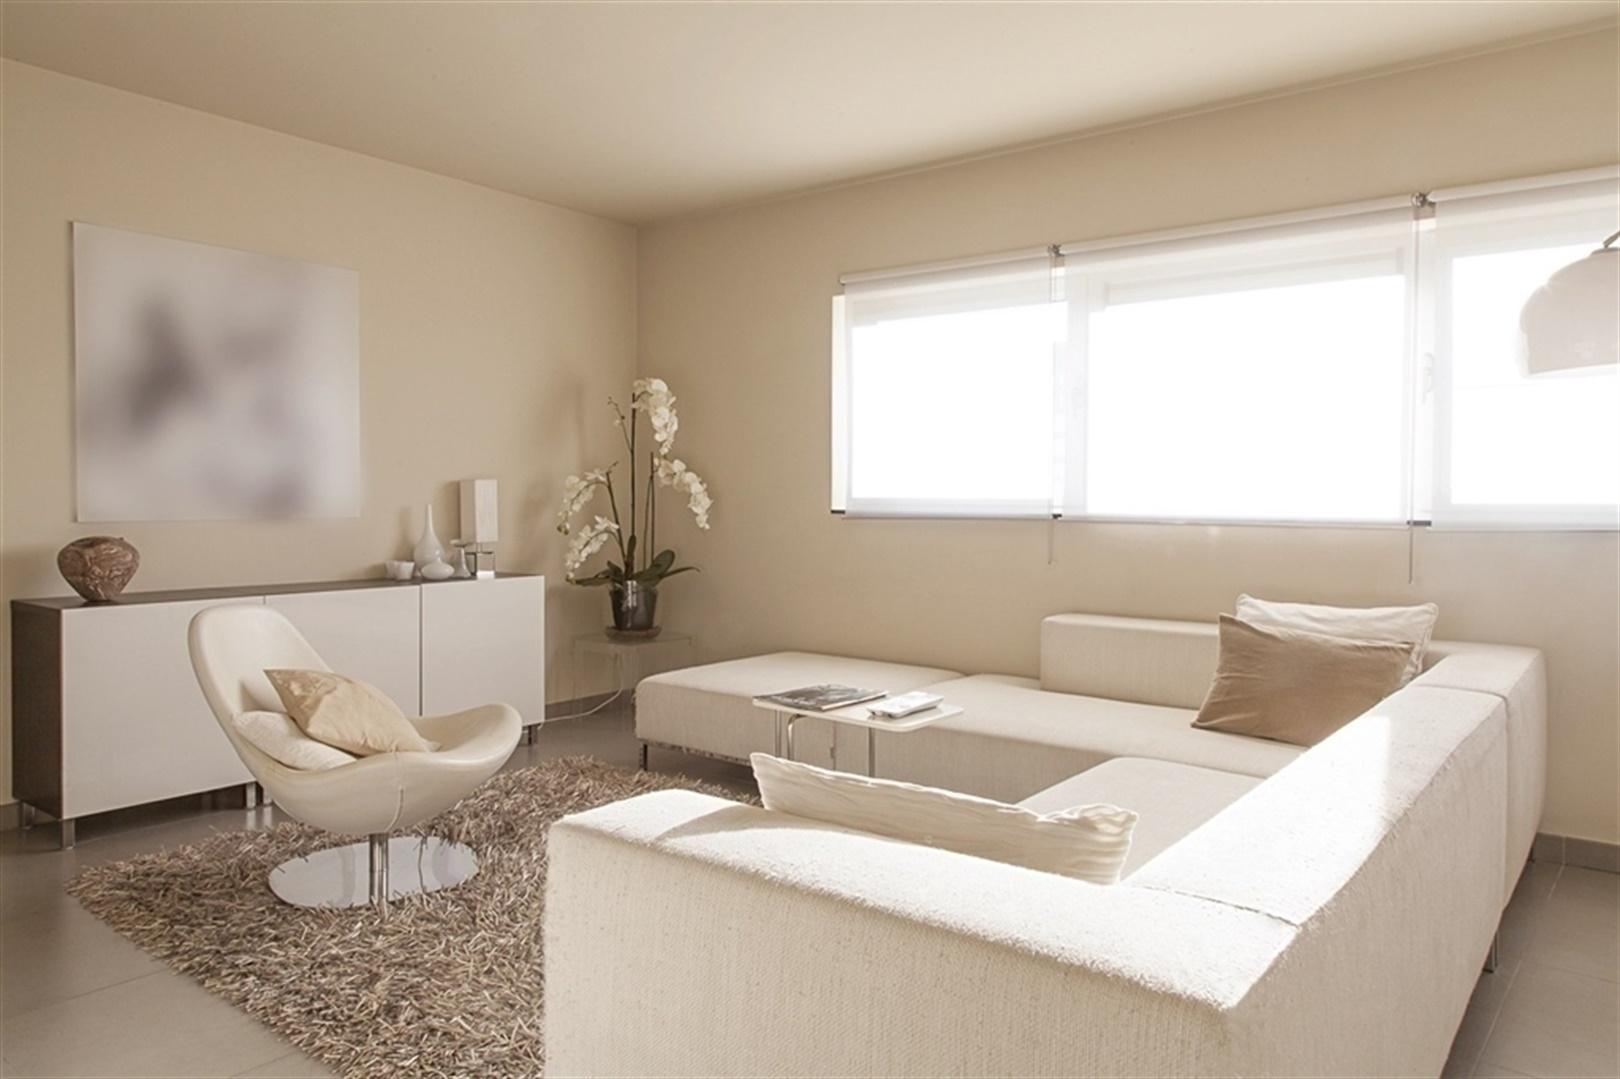 Aangenaam duplex-appartement met dakterras vlakbij belangrijke invalswegen